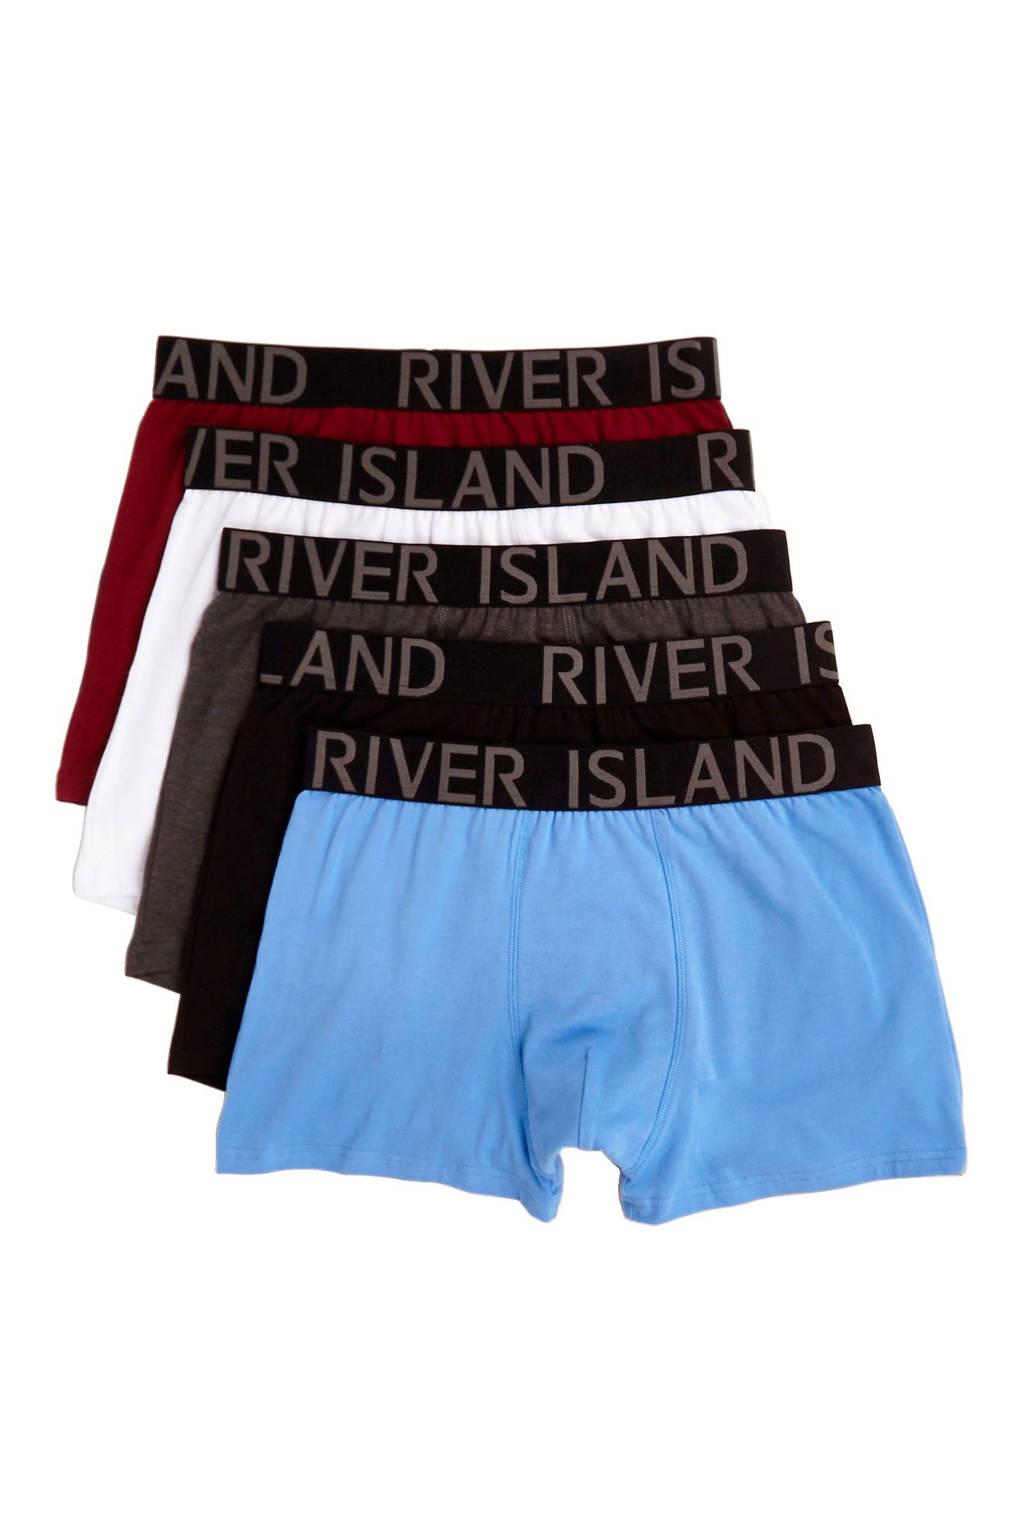 River Island boxershort (set van 5), Blauw/zwart/wit/rood